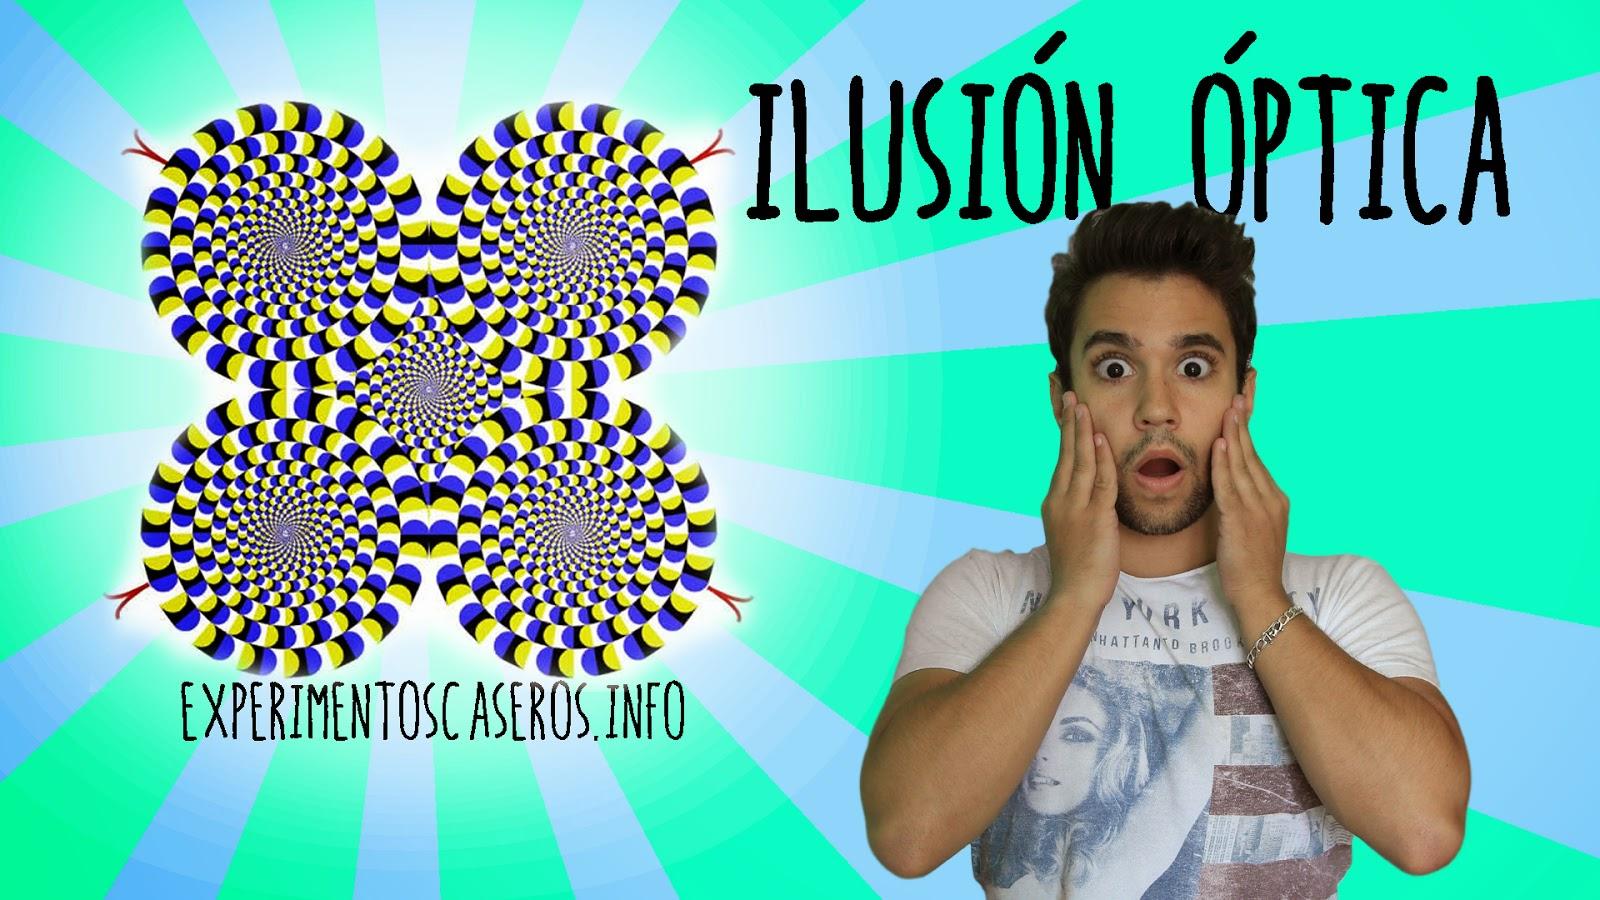 Ilusión óptica impresionante de movimiento, ilusiones ópticas, ilusión óptica, experimentos caseros, experimentos sencillos, experimentos fáciles, experimentos sencillos, experimentos de física, experimentos para niños